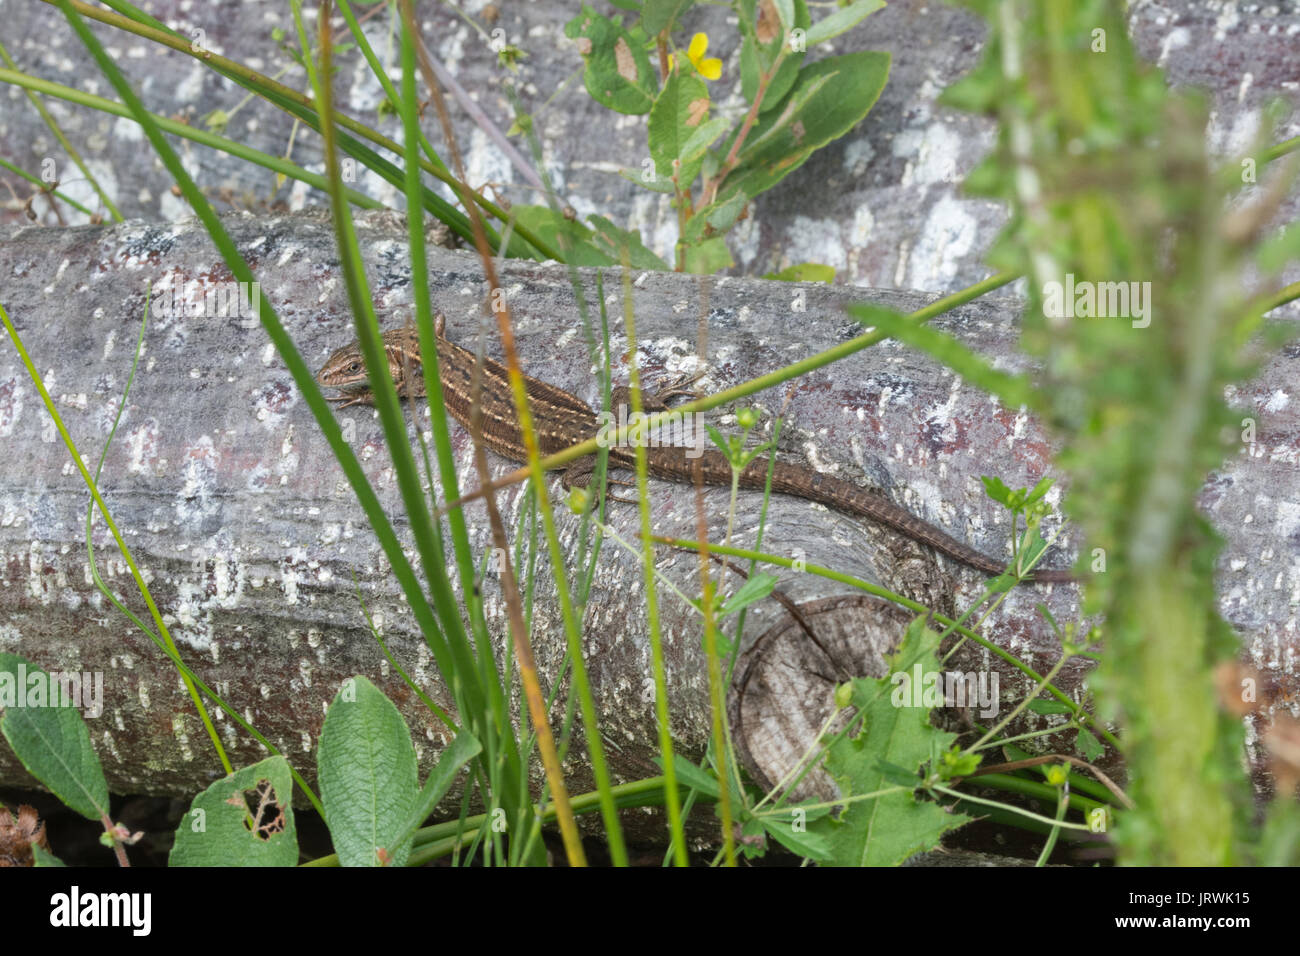 Gemeinsame Eidechse, auch als Vivipar Lizard (Zootoca Vivipara) Aalen auf einem Haufen anmelden Stockfoto